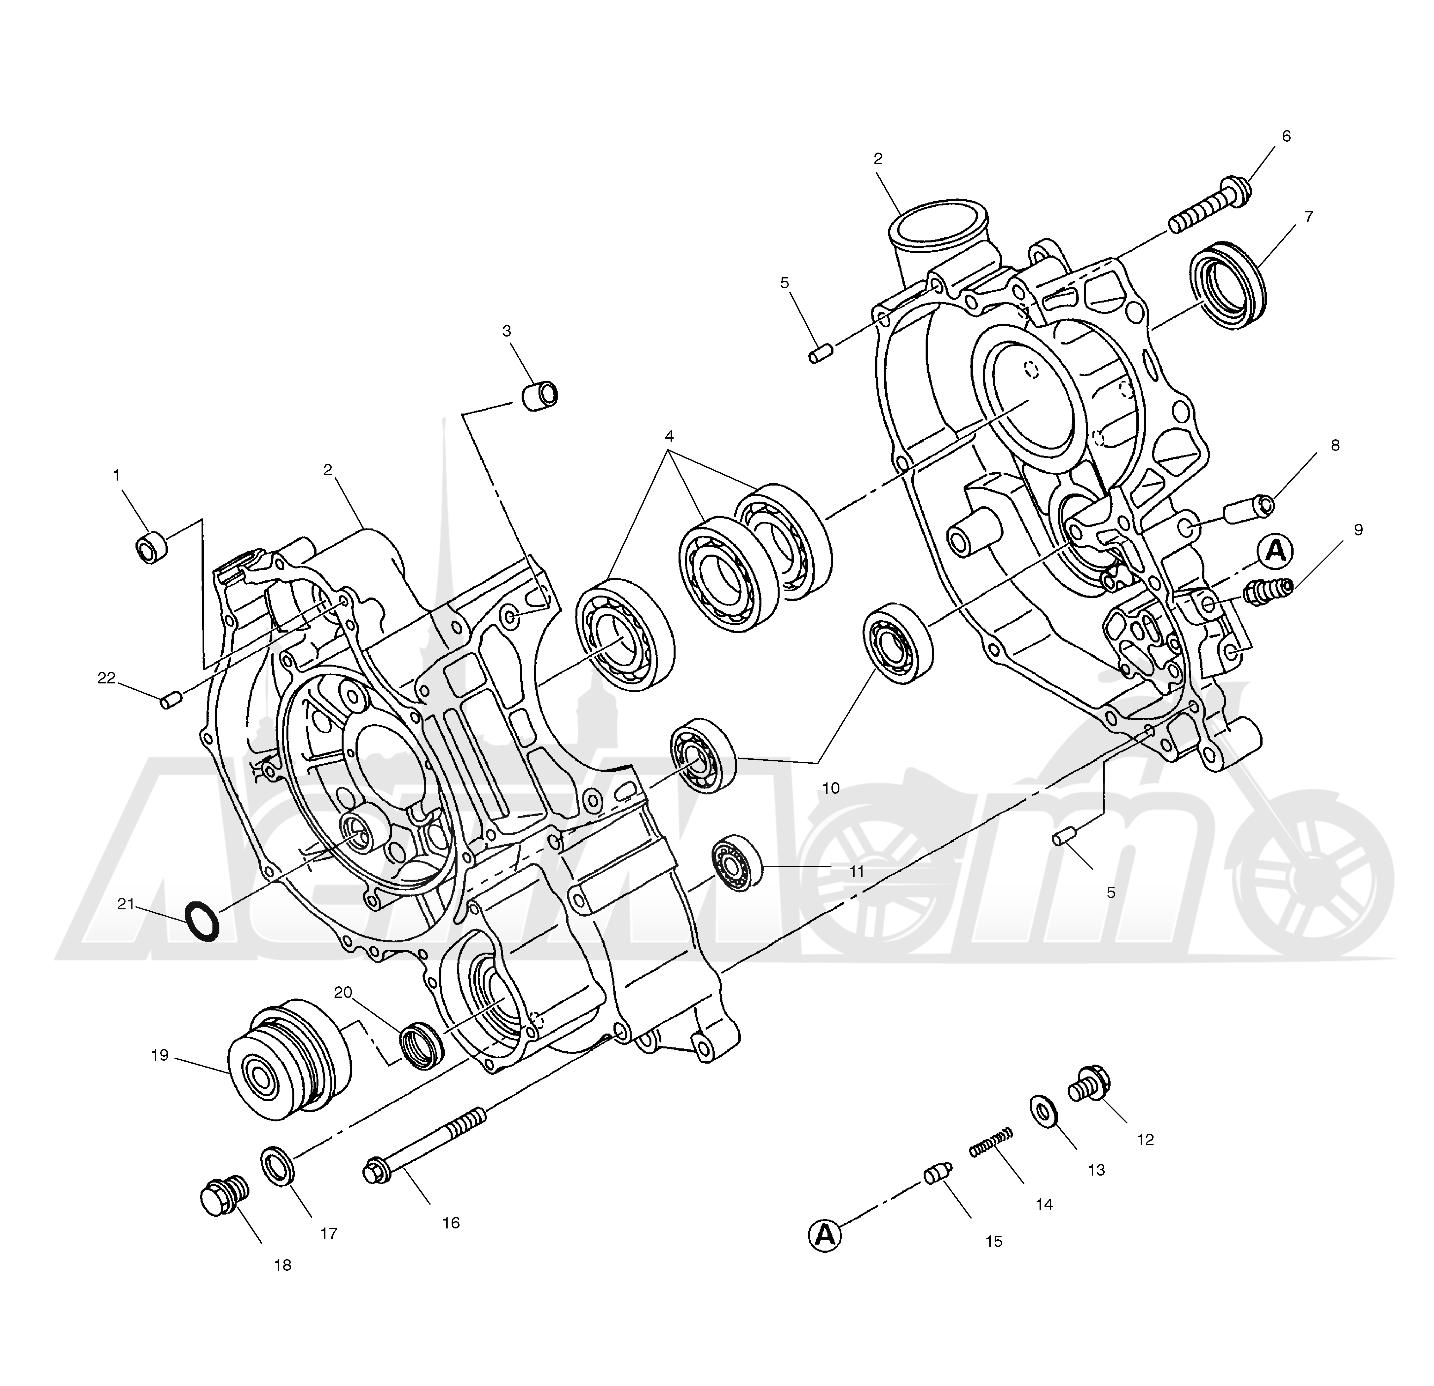 Запчасти для Квадроцикла Polaris 1997 SPORTSMAN 500 - W97CH50A Раздел: CRANKCASE - W97CH50A | картер W97CH50A